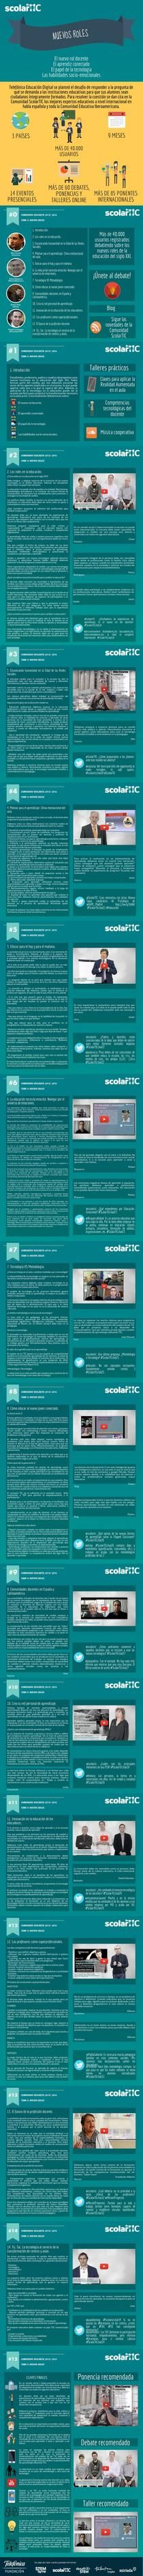 Scolartic Tema 3: Nuevos Roles EXT_v2 | Piktochart Infographic Editor